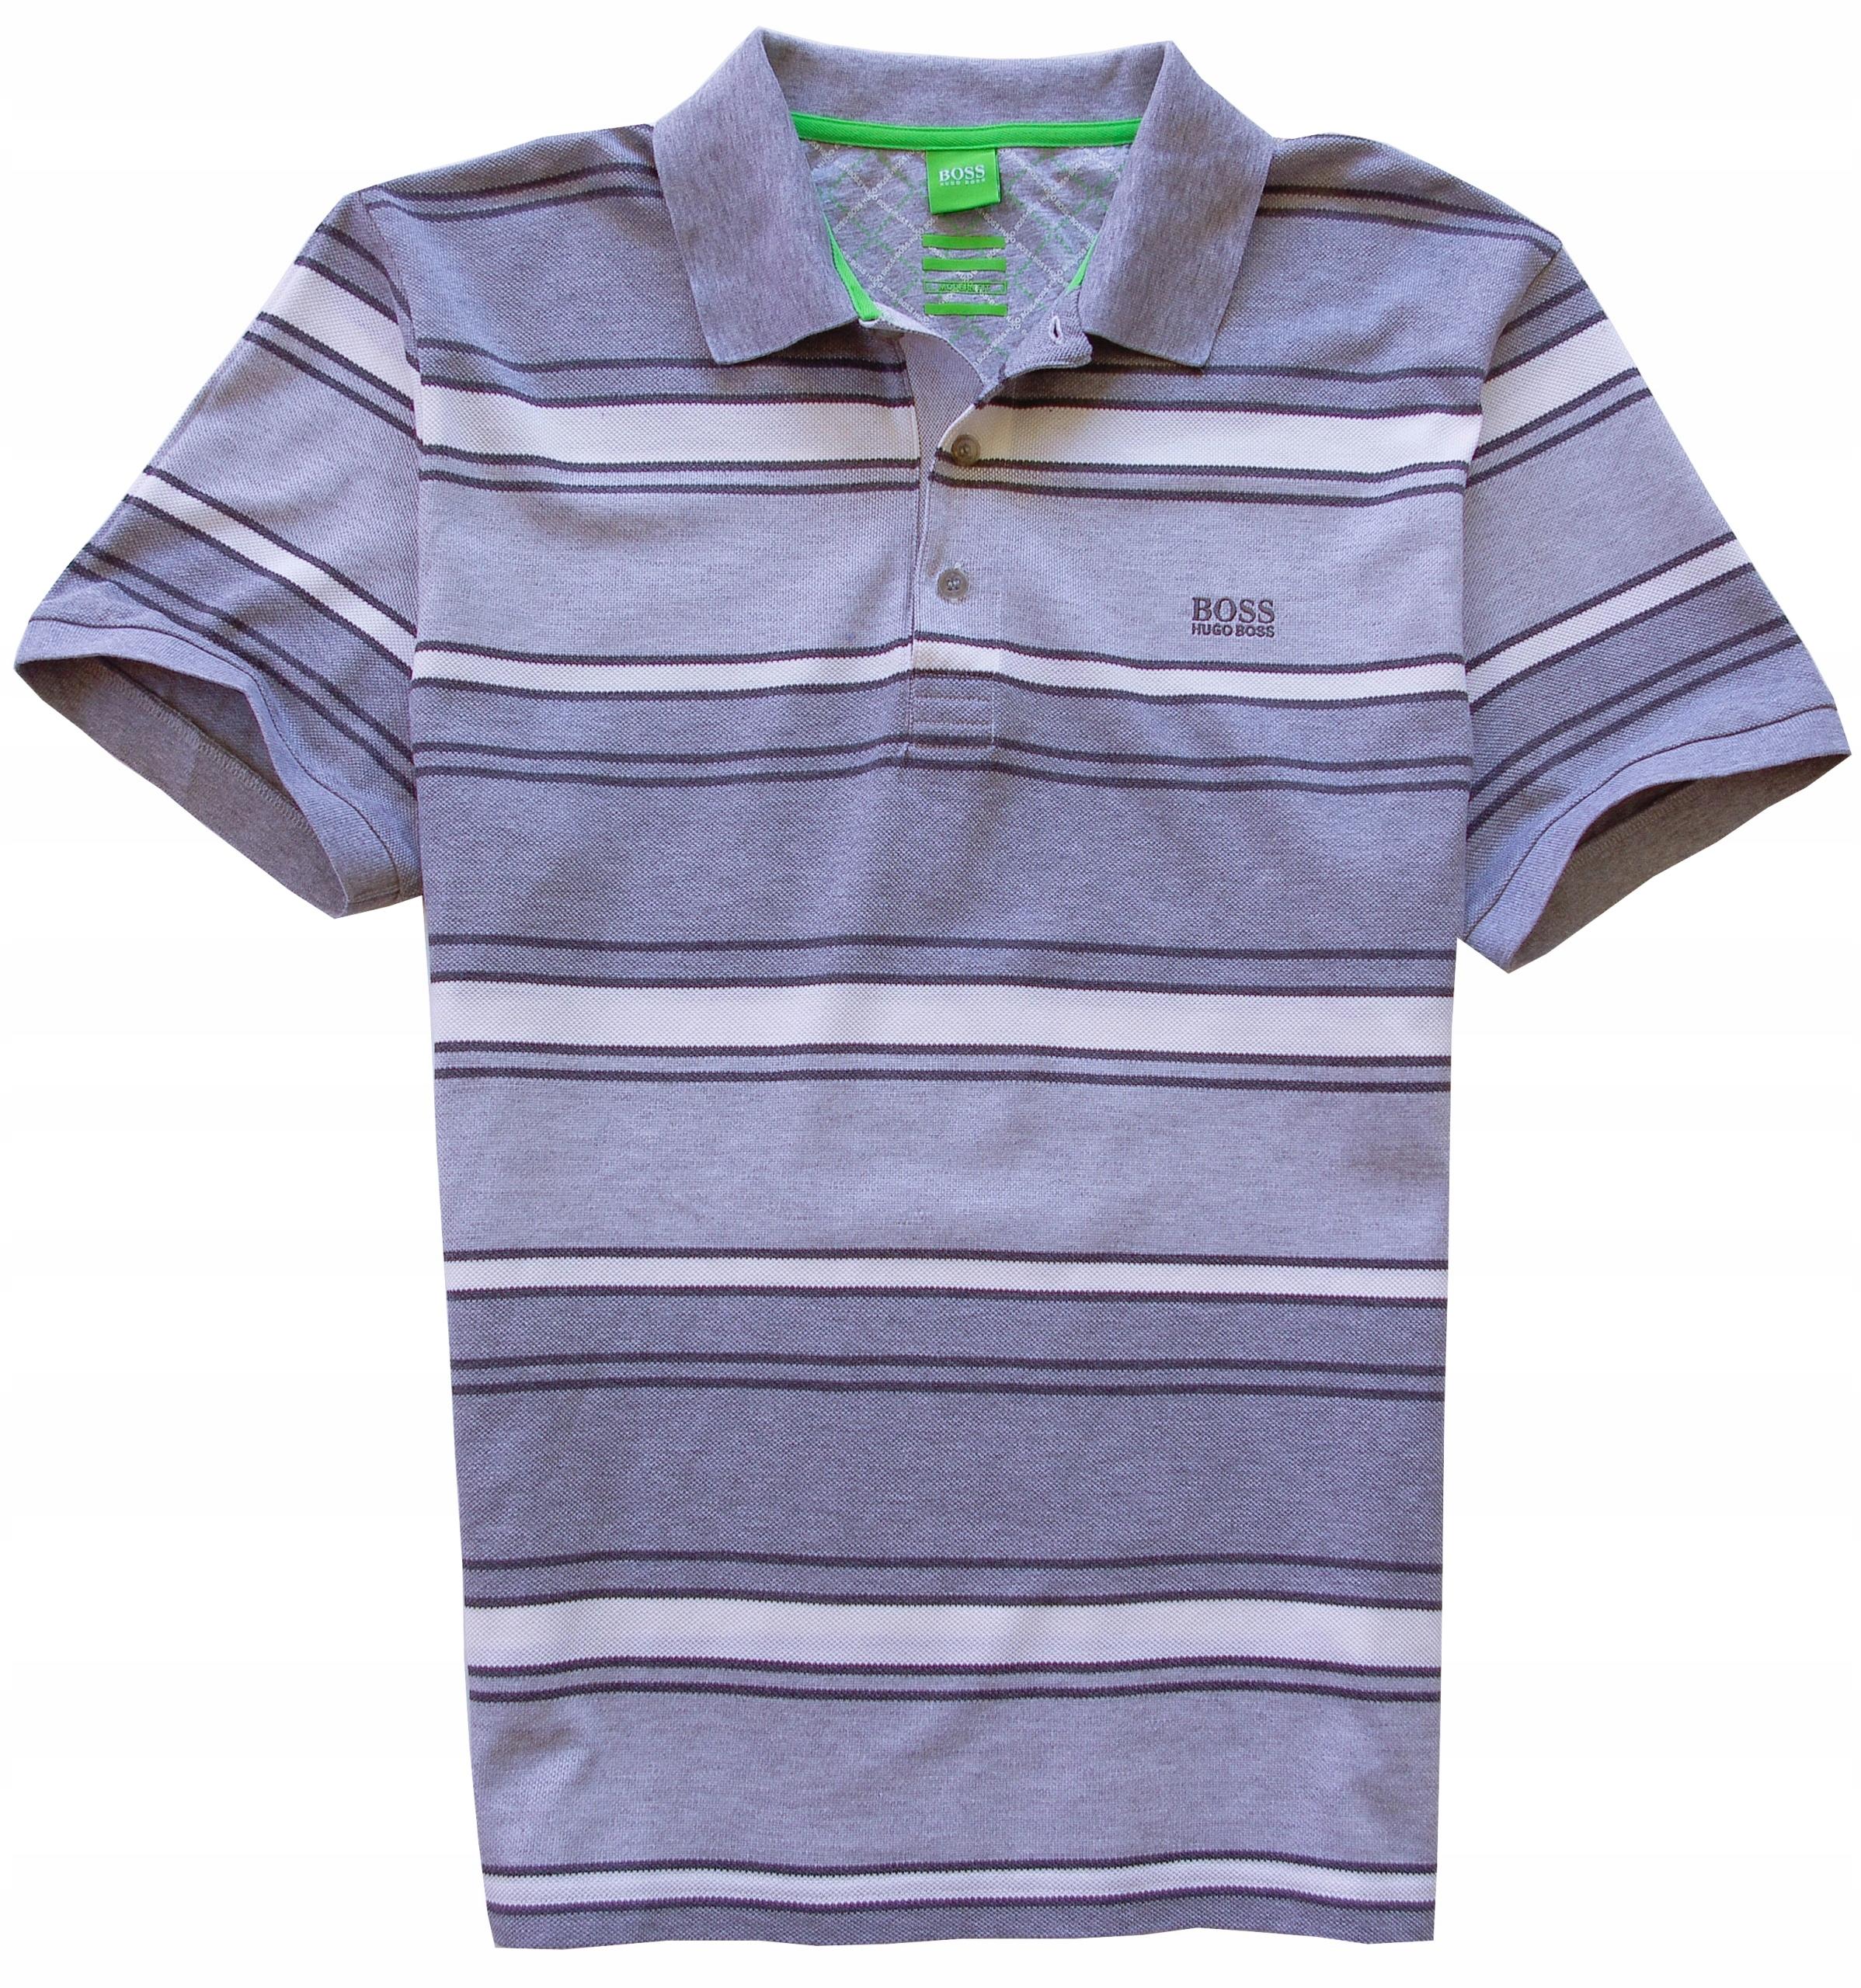 42b50df006706 Koszulka Polo Hugo Boss Green XXXL 3XL - 7598985686 - oficjalne ...